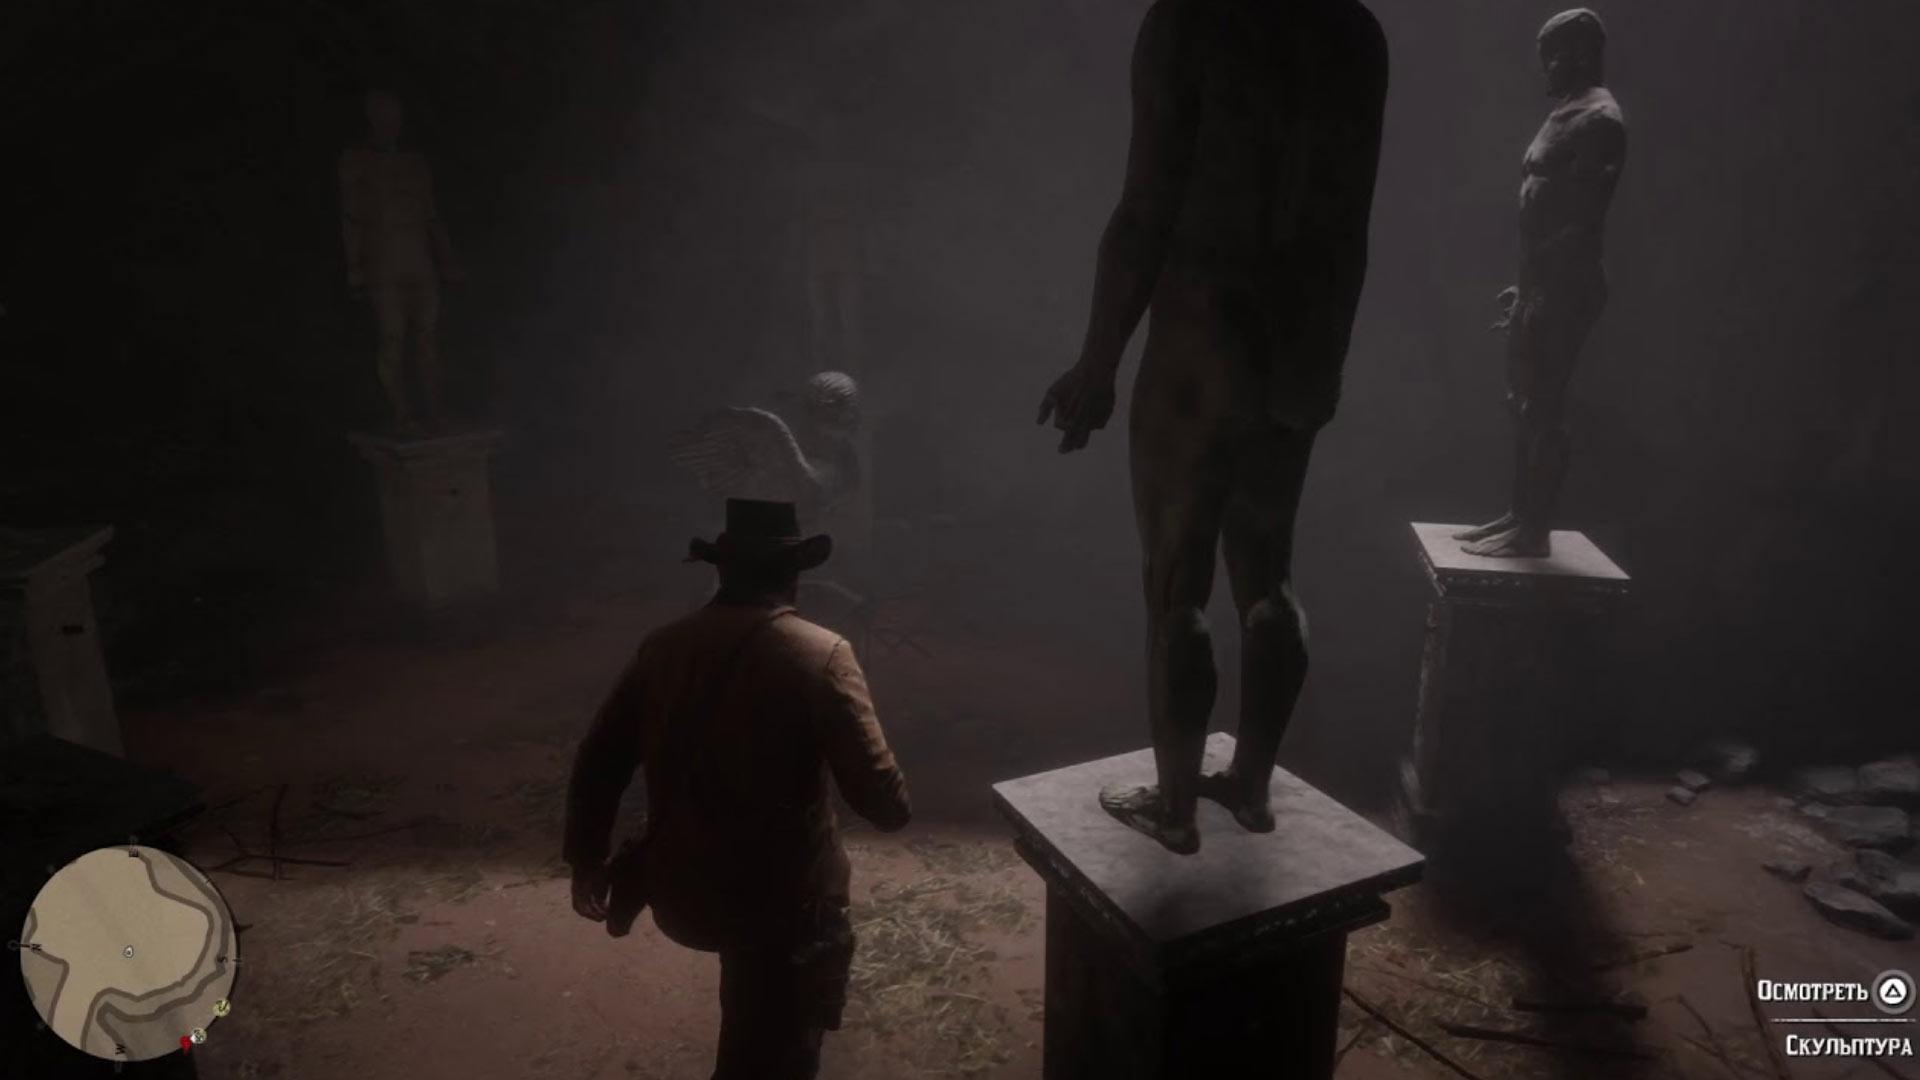 Сыграй в странную игру со статуями и выиграй немного денег